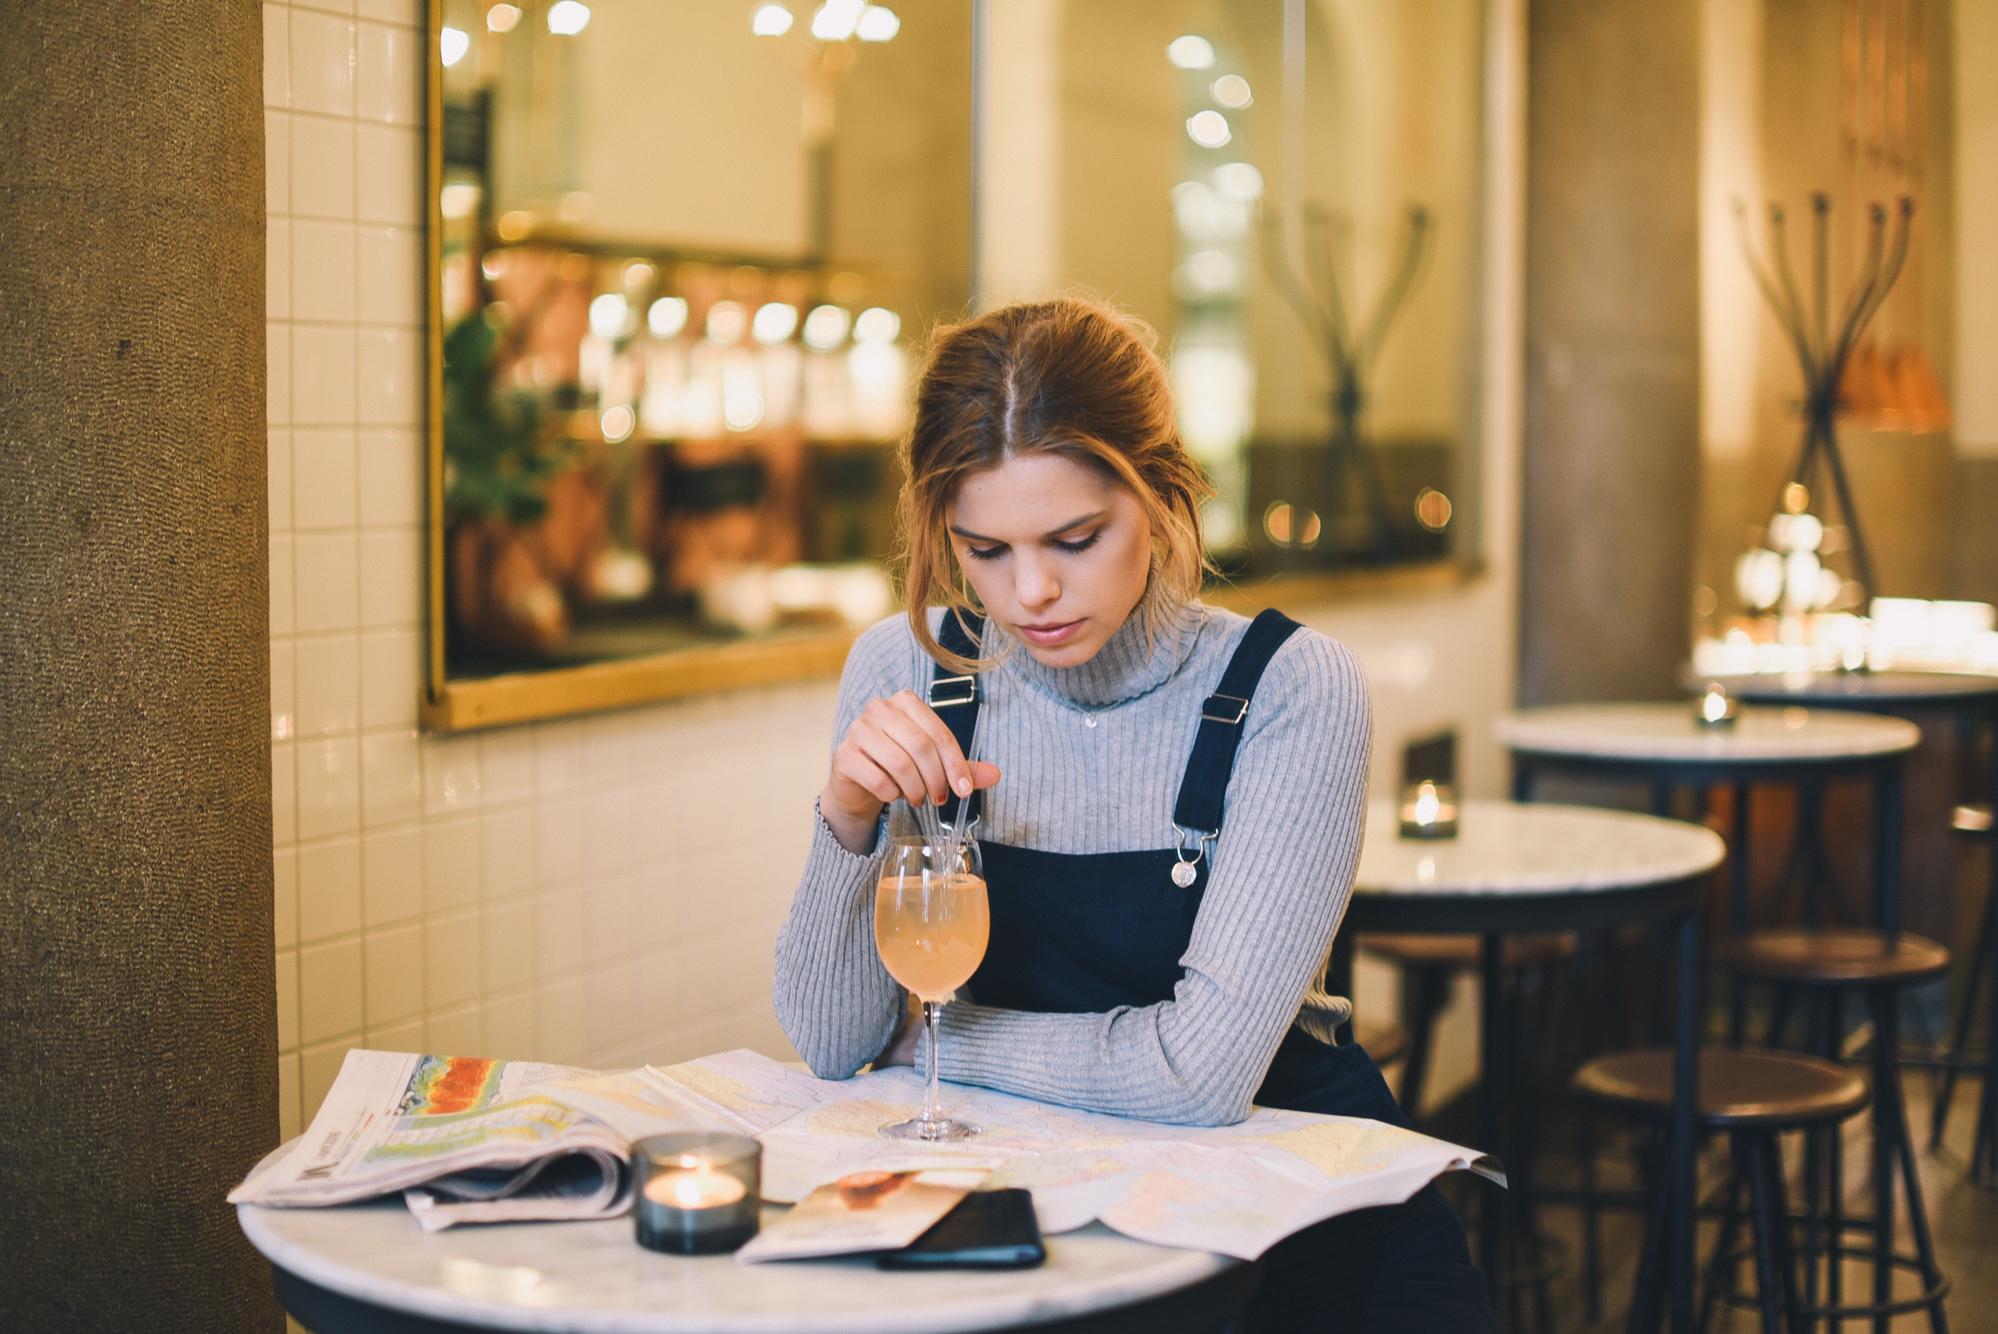 Garderob Jobb : En lista om jobb quot vadÅ kan du leva pÅ din g flora